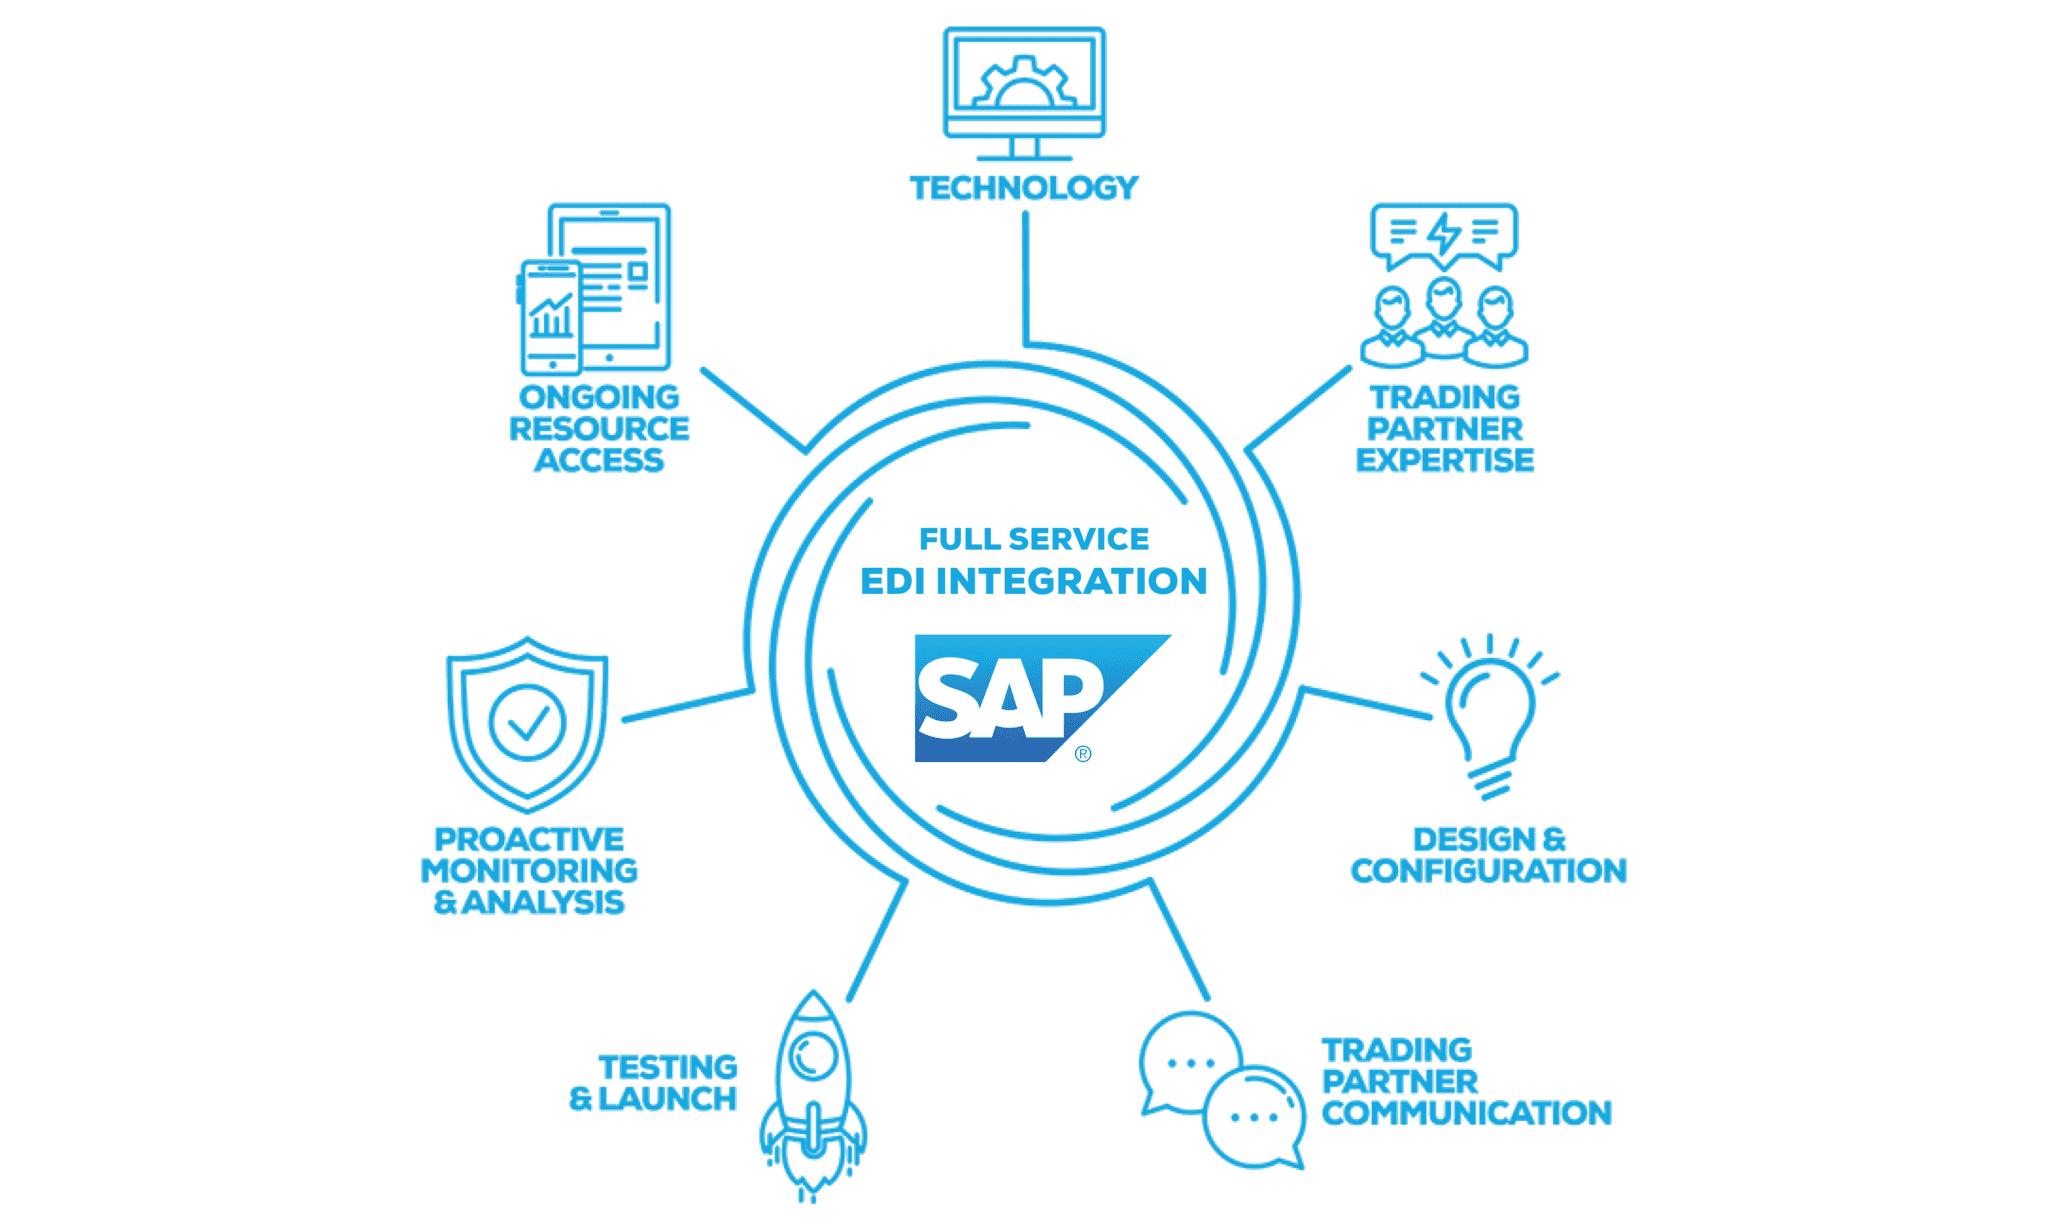 Full Service EDI Integration for SAP from SPS Commerce